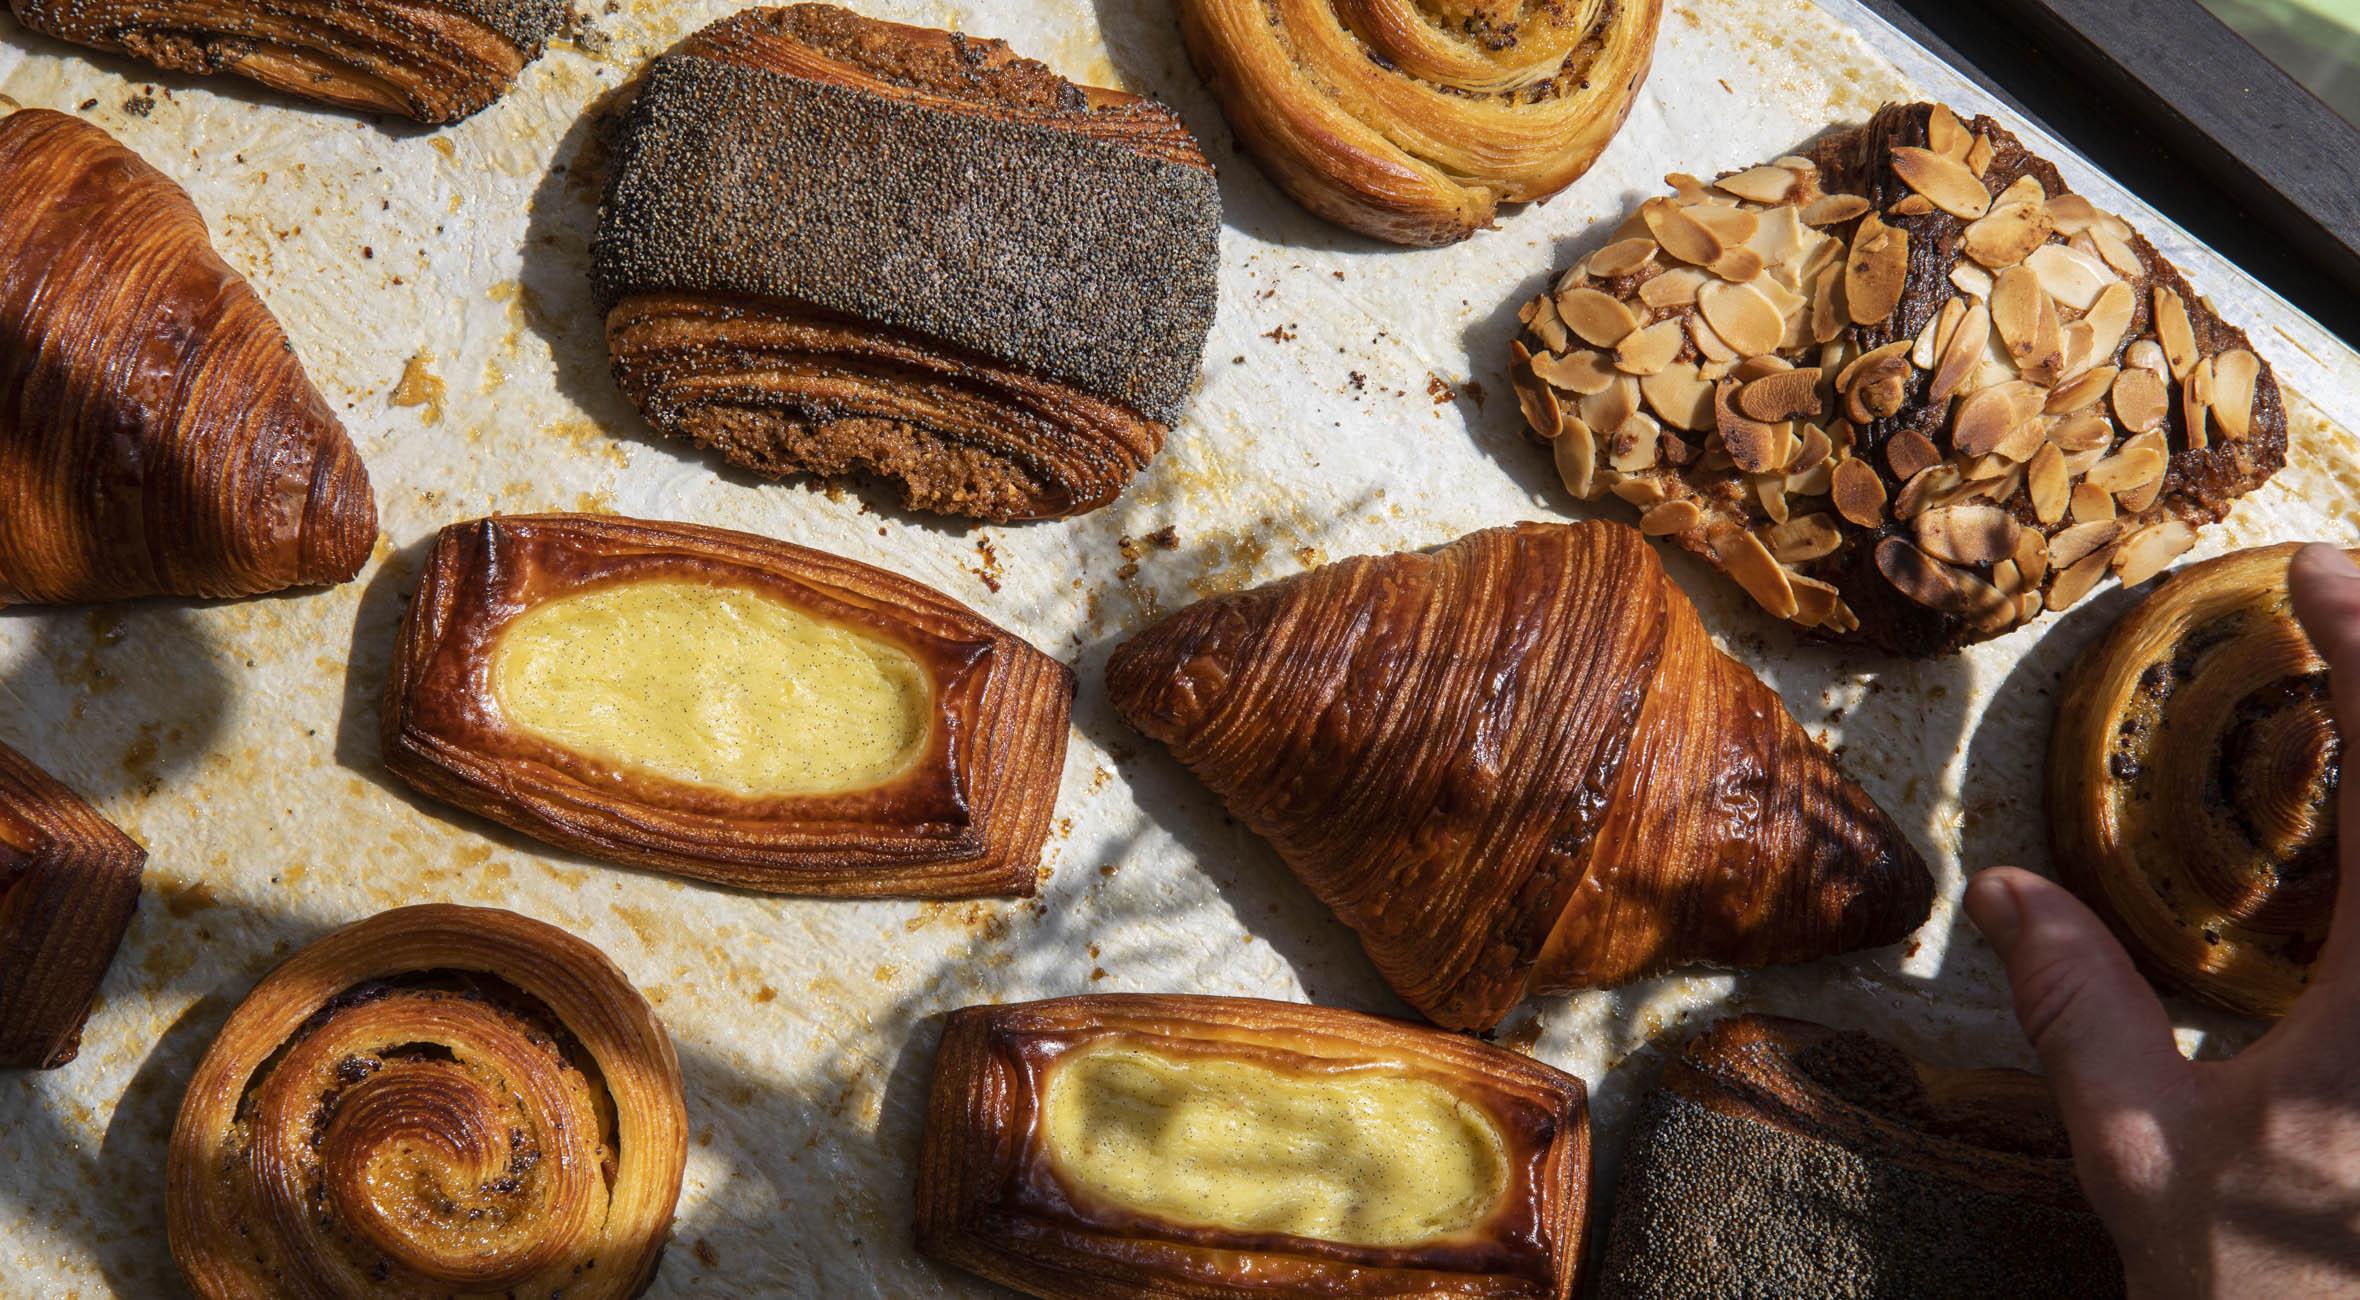 Frit valg til alt hos Bageriet benji – Noma-bager er gået solo med eget bageri på Nørrebro